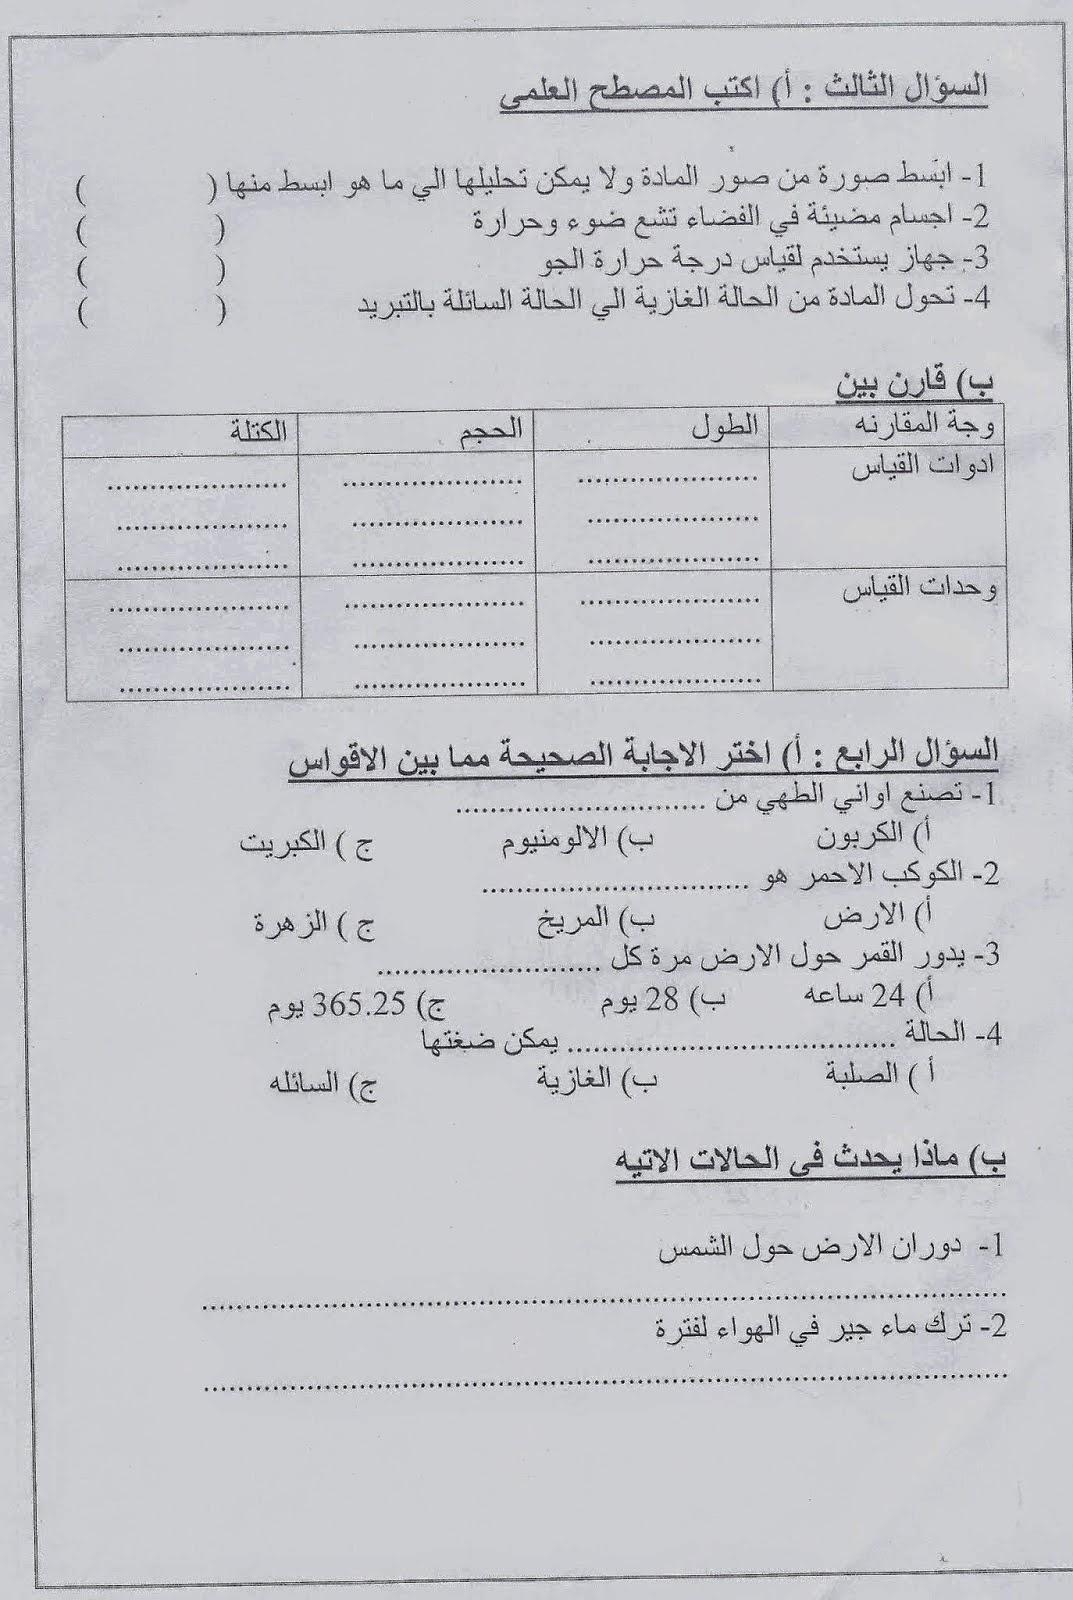 امتحانات كل مواد الصف الرابع الابتدائي الترم الأول 2015 مدارس مصر حكومى و لغات scan0093.jpg